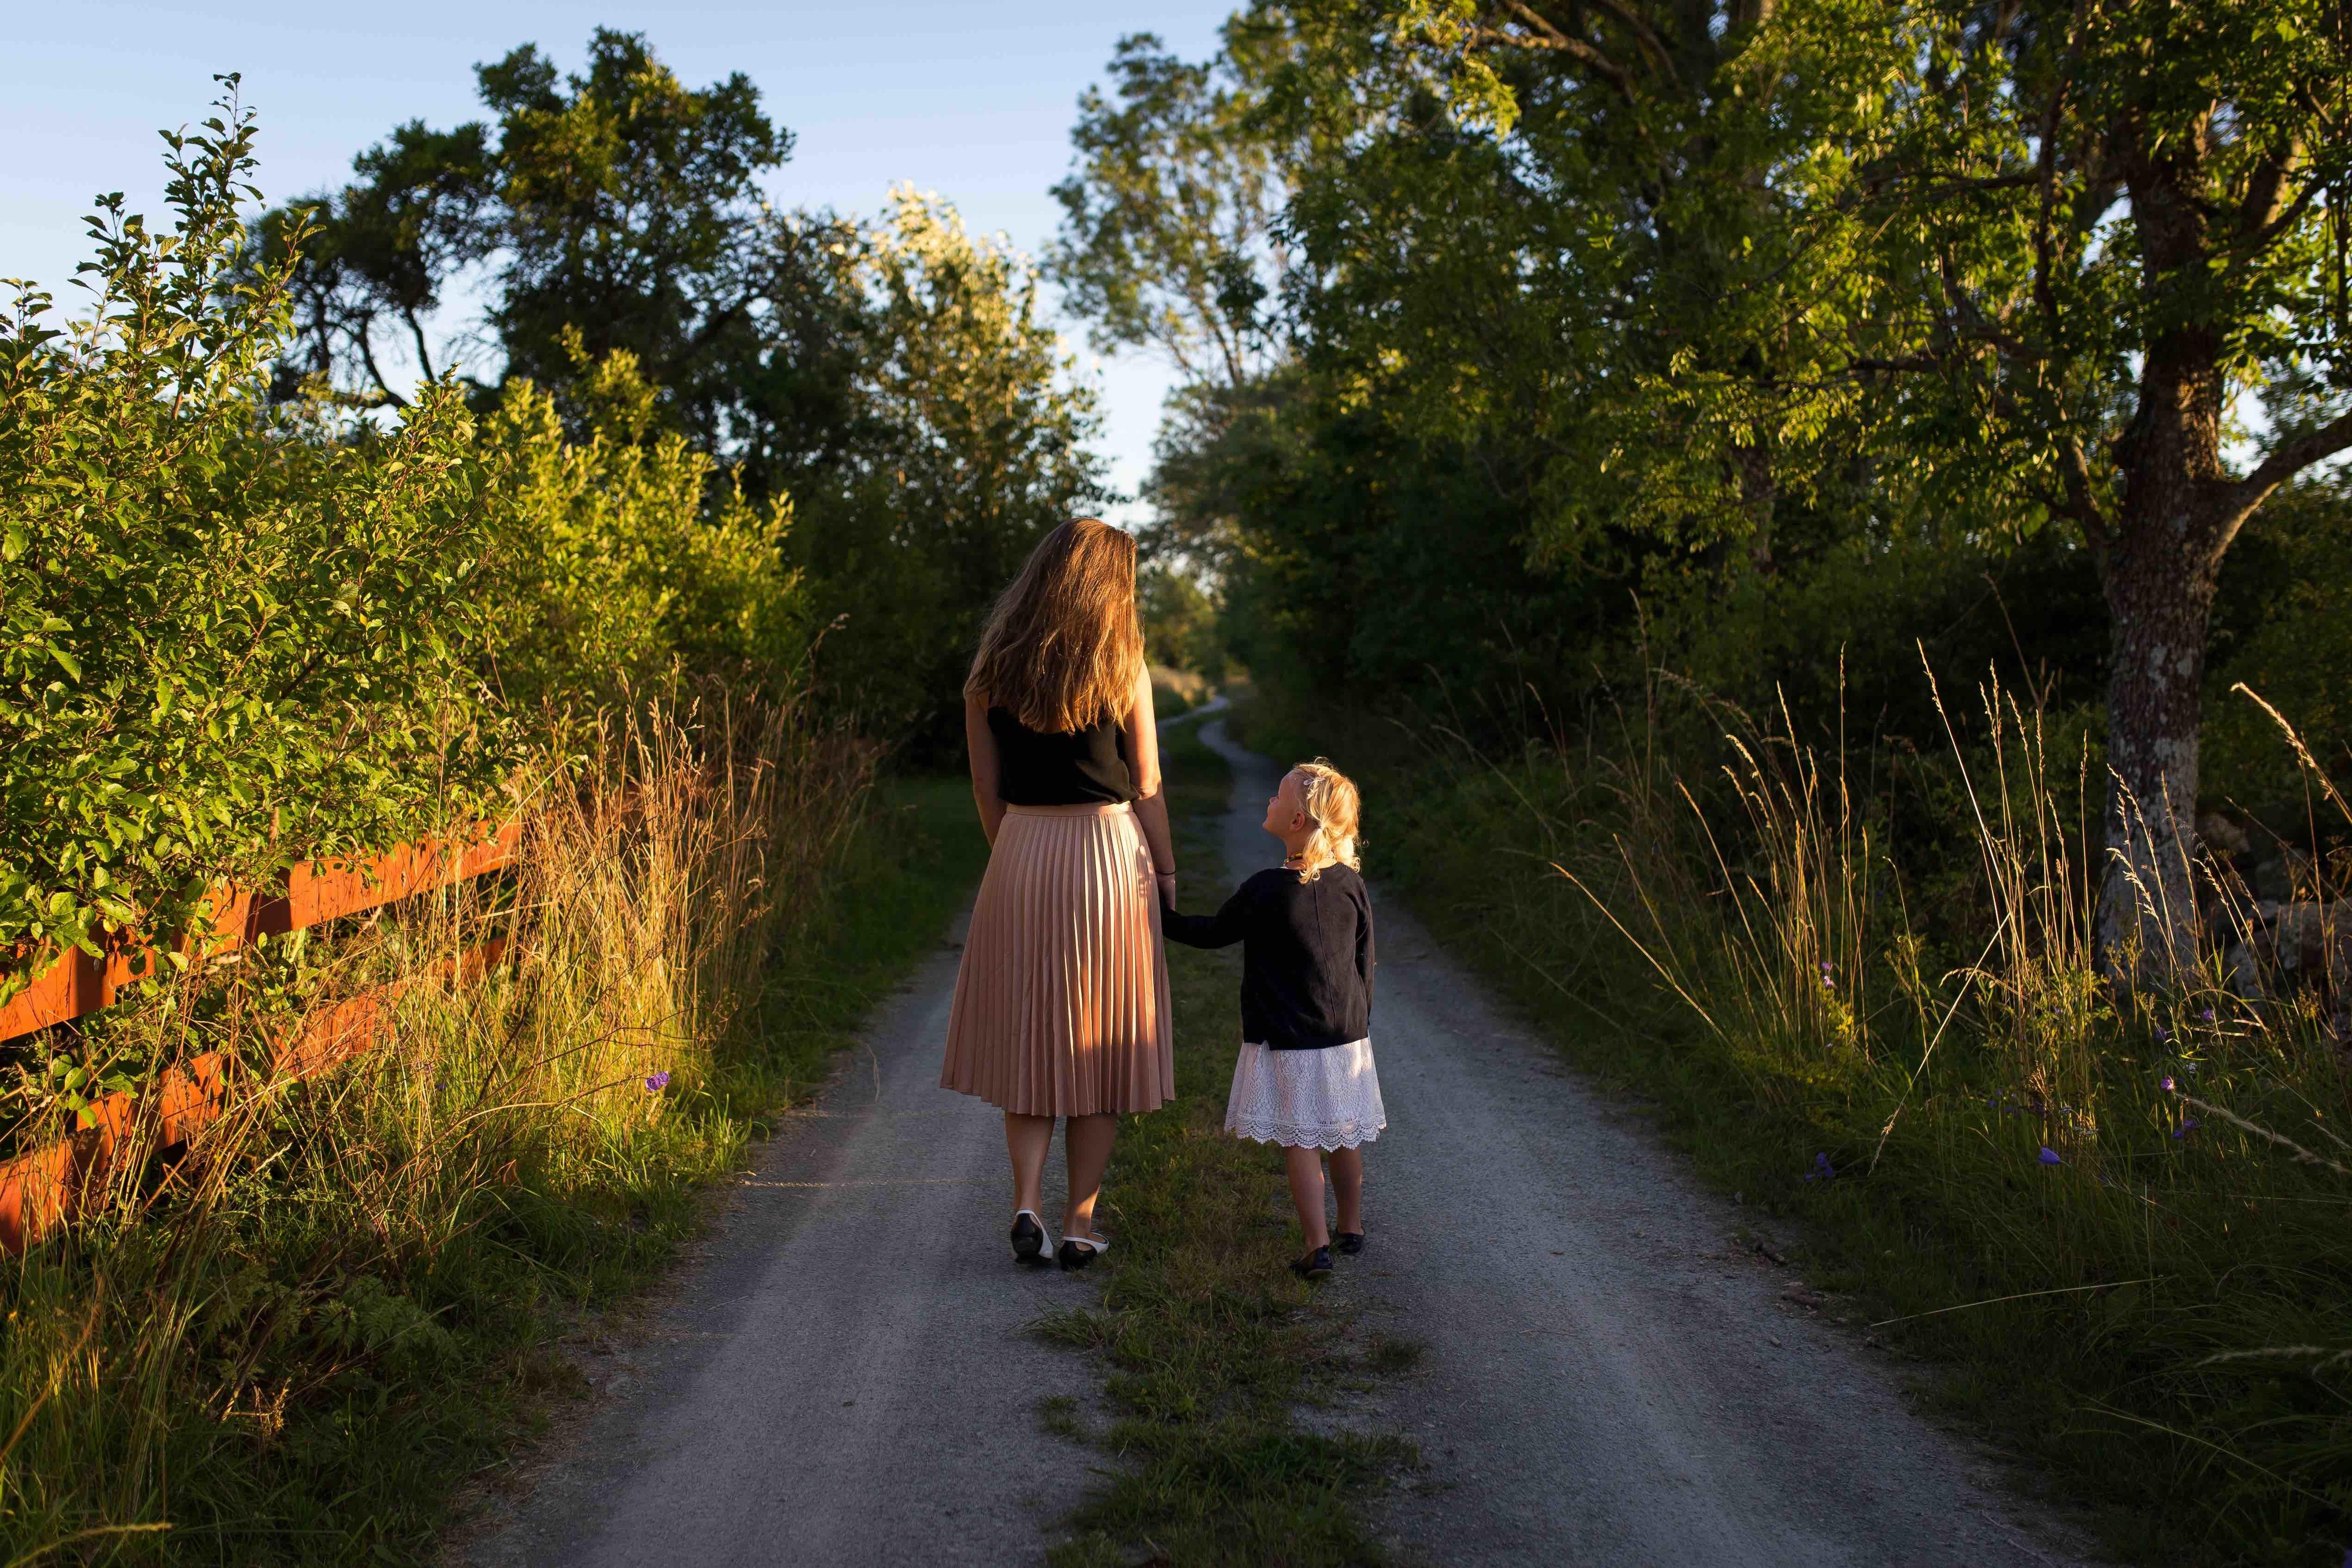 Jika Bisa Mengulang Waktu, 7 Hal Ini Ingin Kukatakan pada Ibu